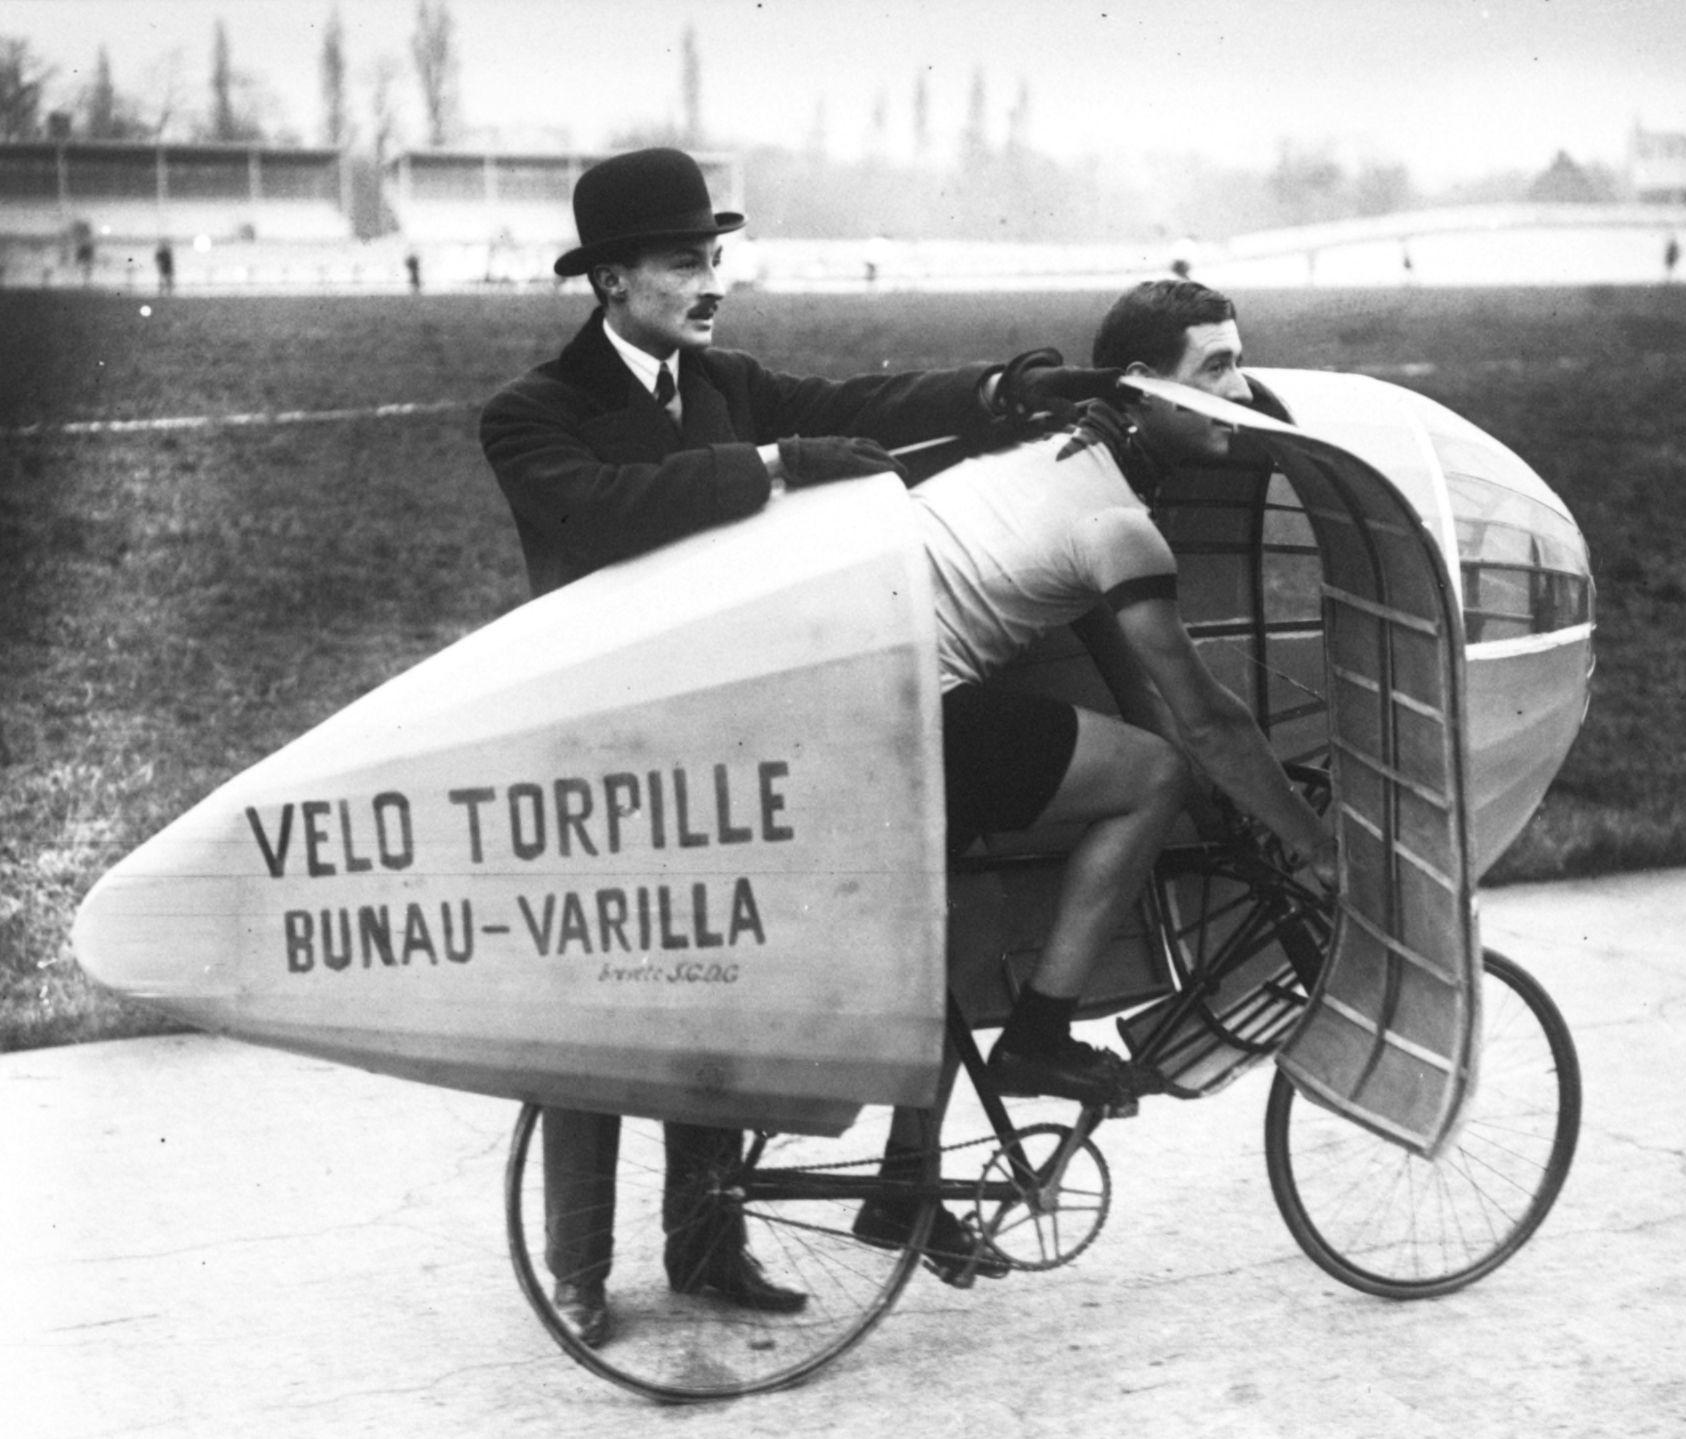 La puissance du moteur humain : le cas du vélo %C3%89tienne_Bunau-Varilla,_Marcel_Berthet,_v%C3%A9lo_torpille,_1913